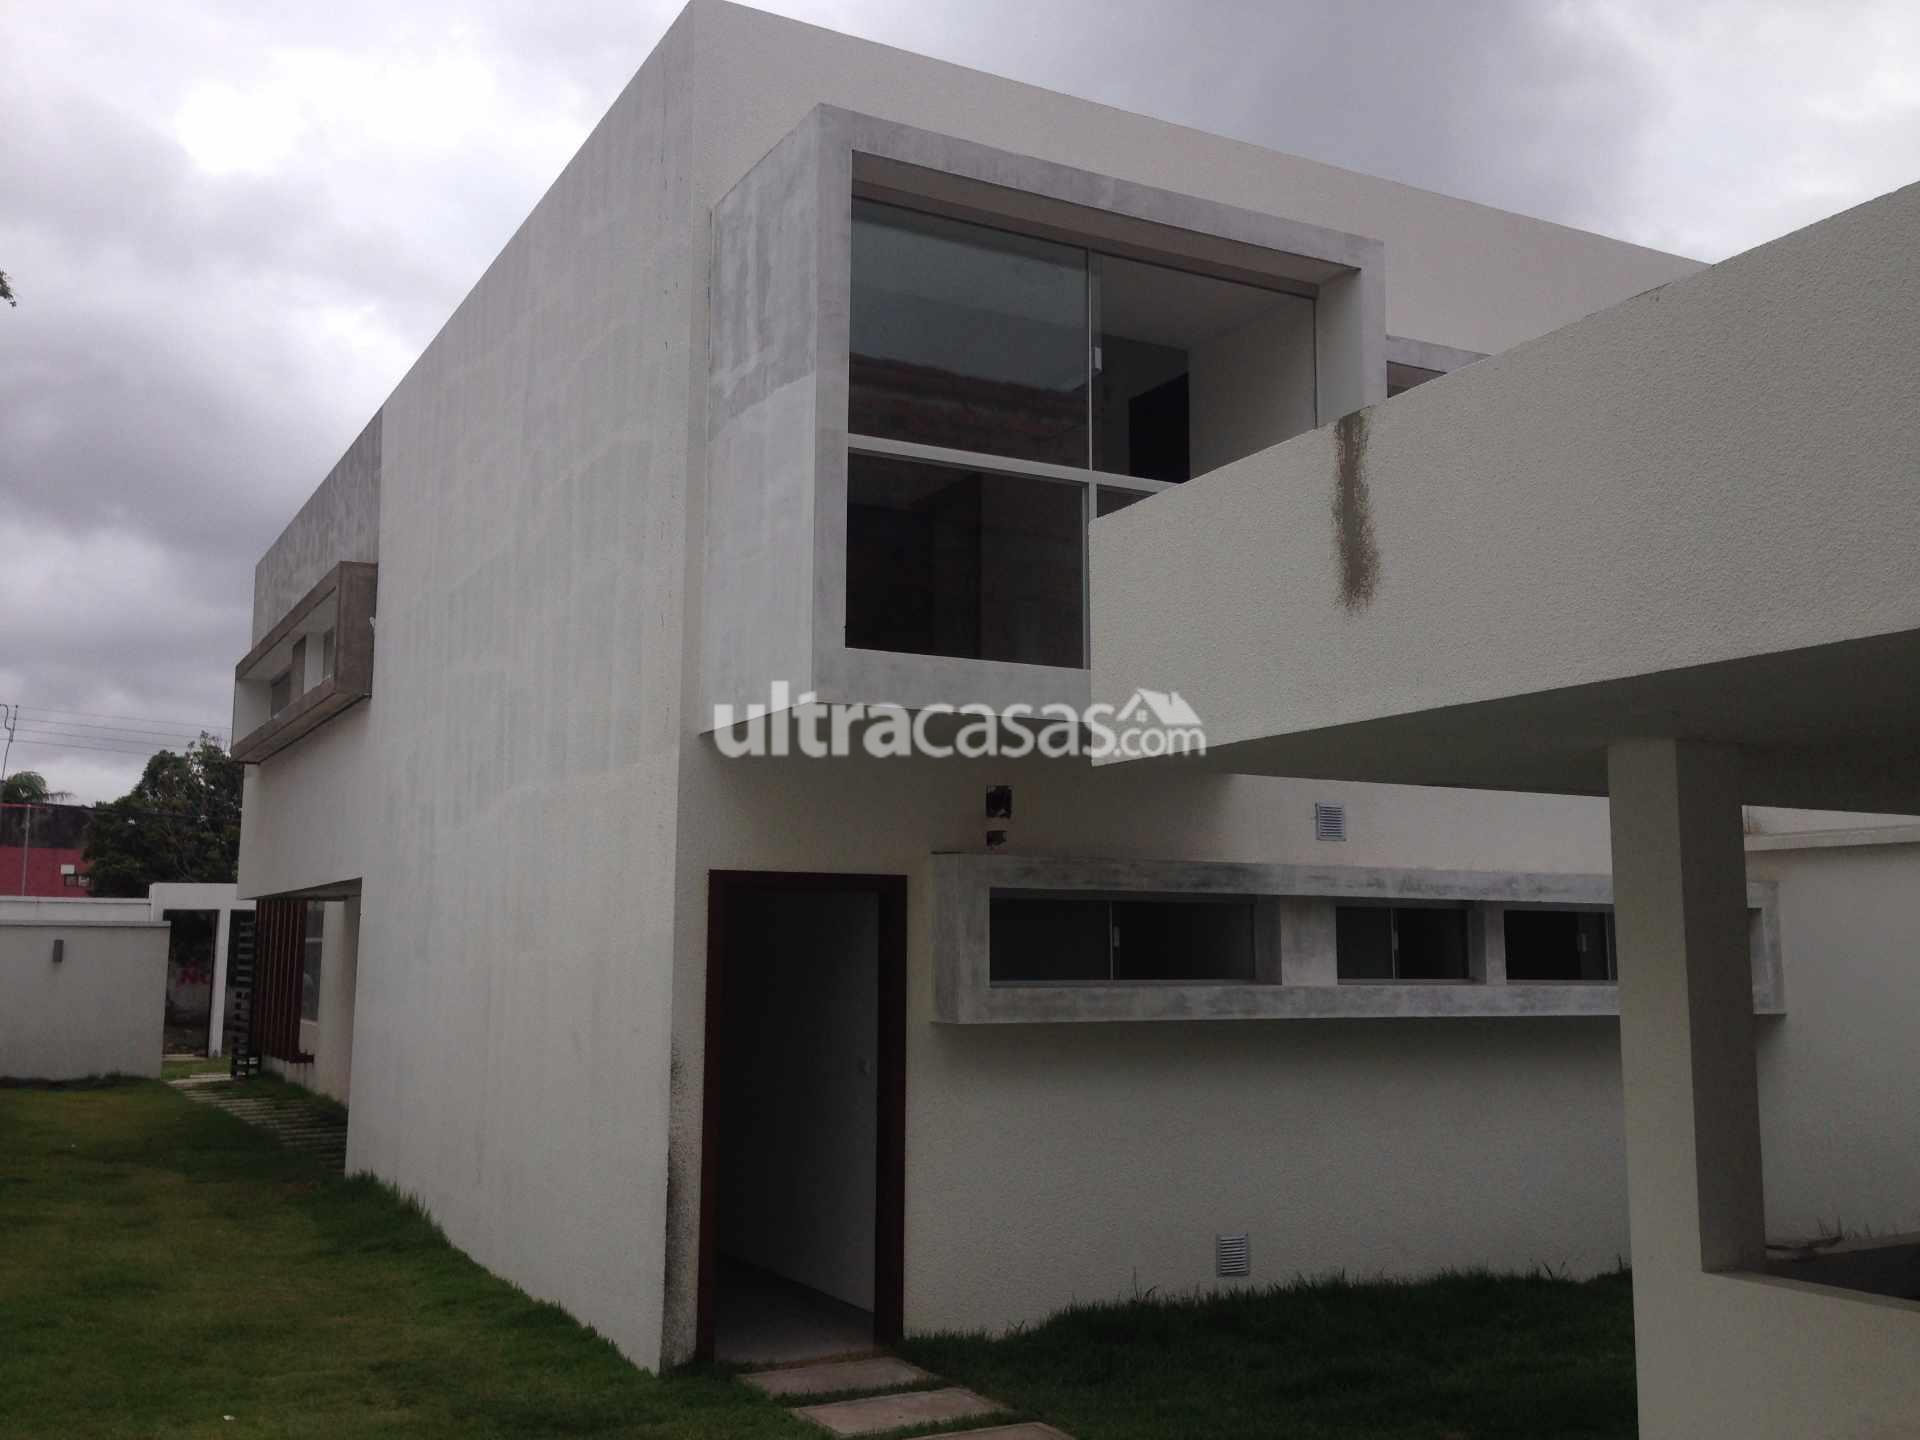 Casa en Venta Las Palmas, entre 3er y 4to anillo (1 cuadra de la Av. Piraí y a 4 cuadras del 4to Anillo) Foto 17